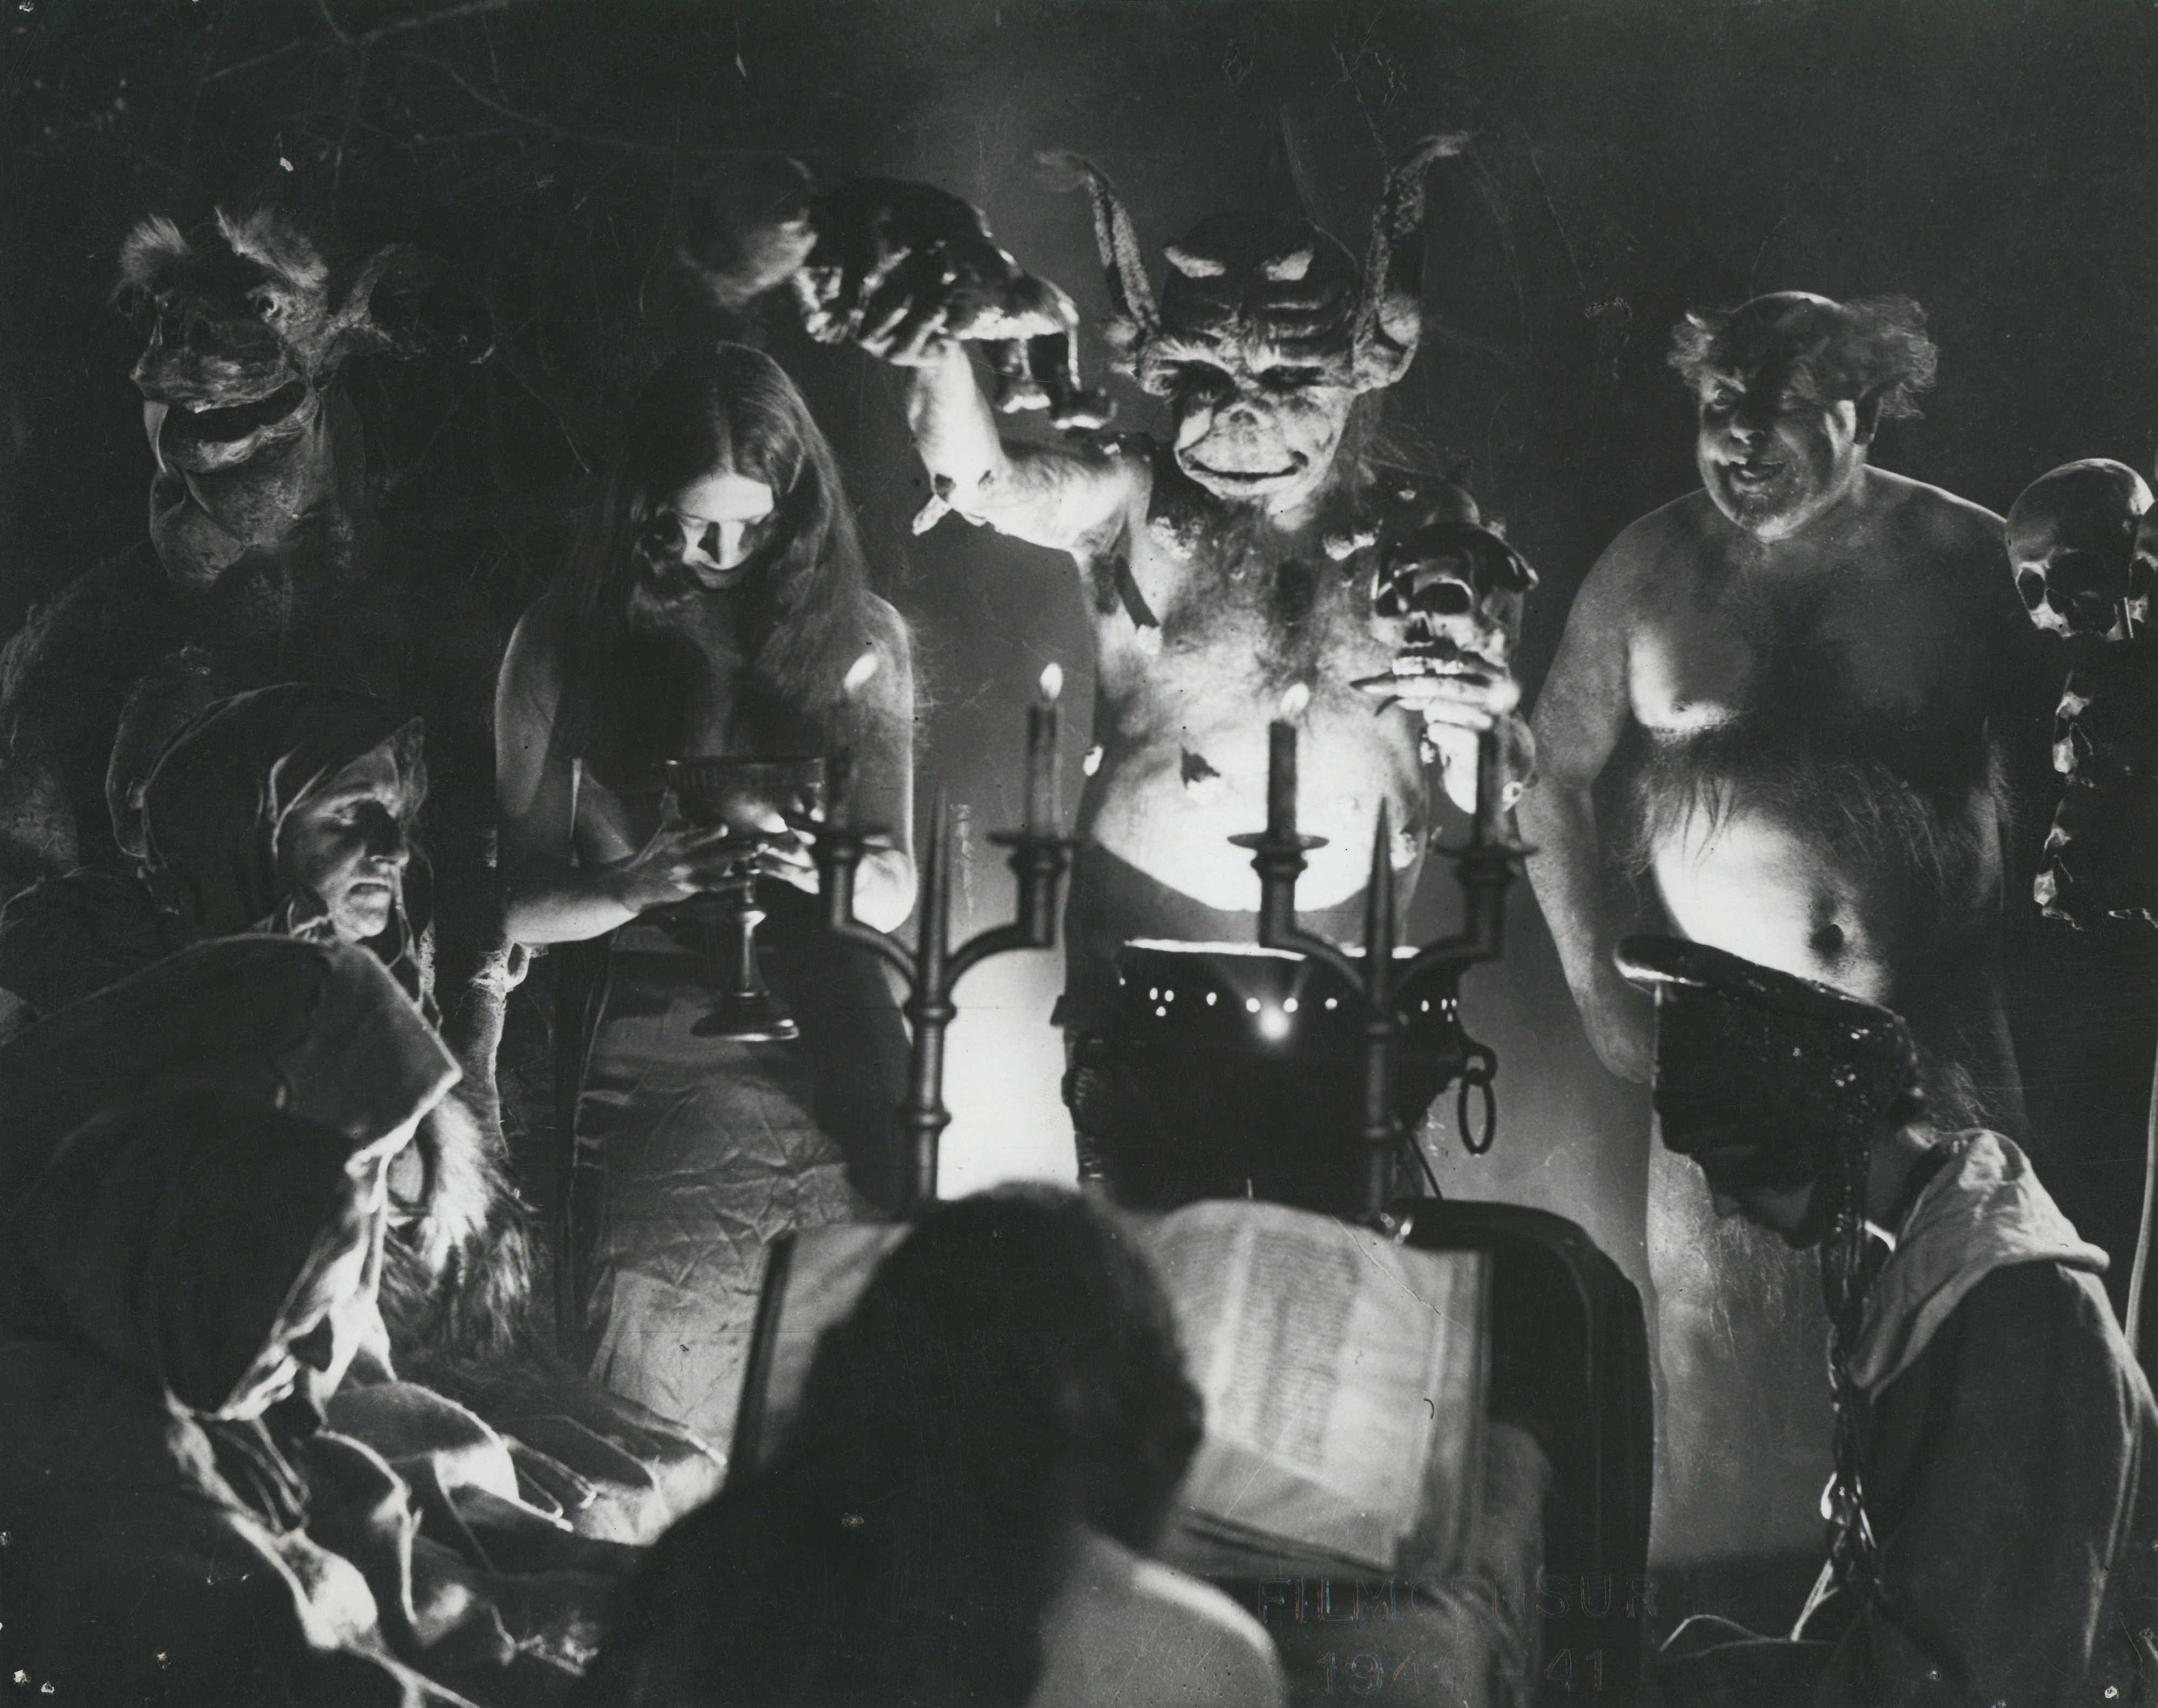 Não é uma cena de exorcismo ou da deep web, mas um frame do filme de terror